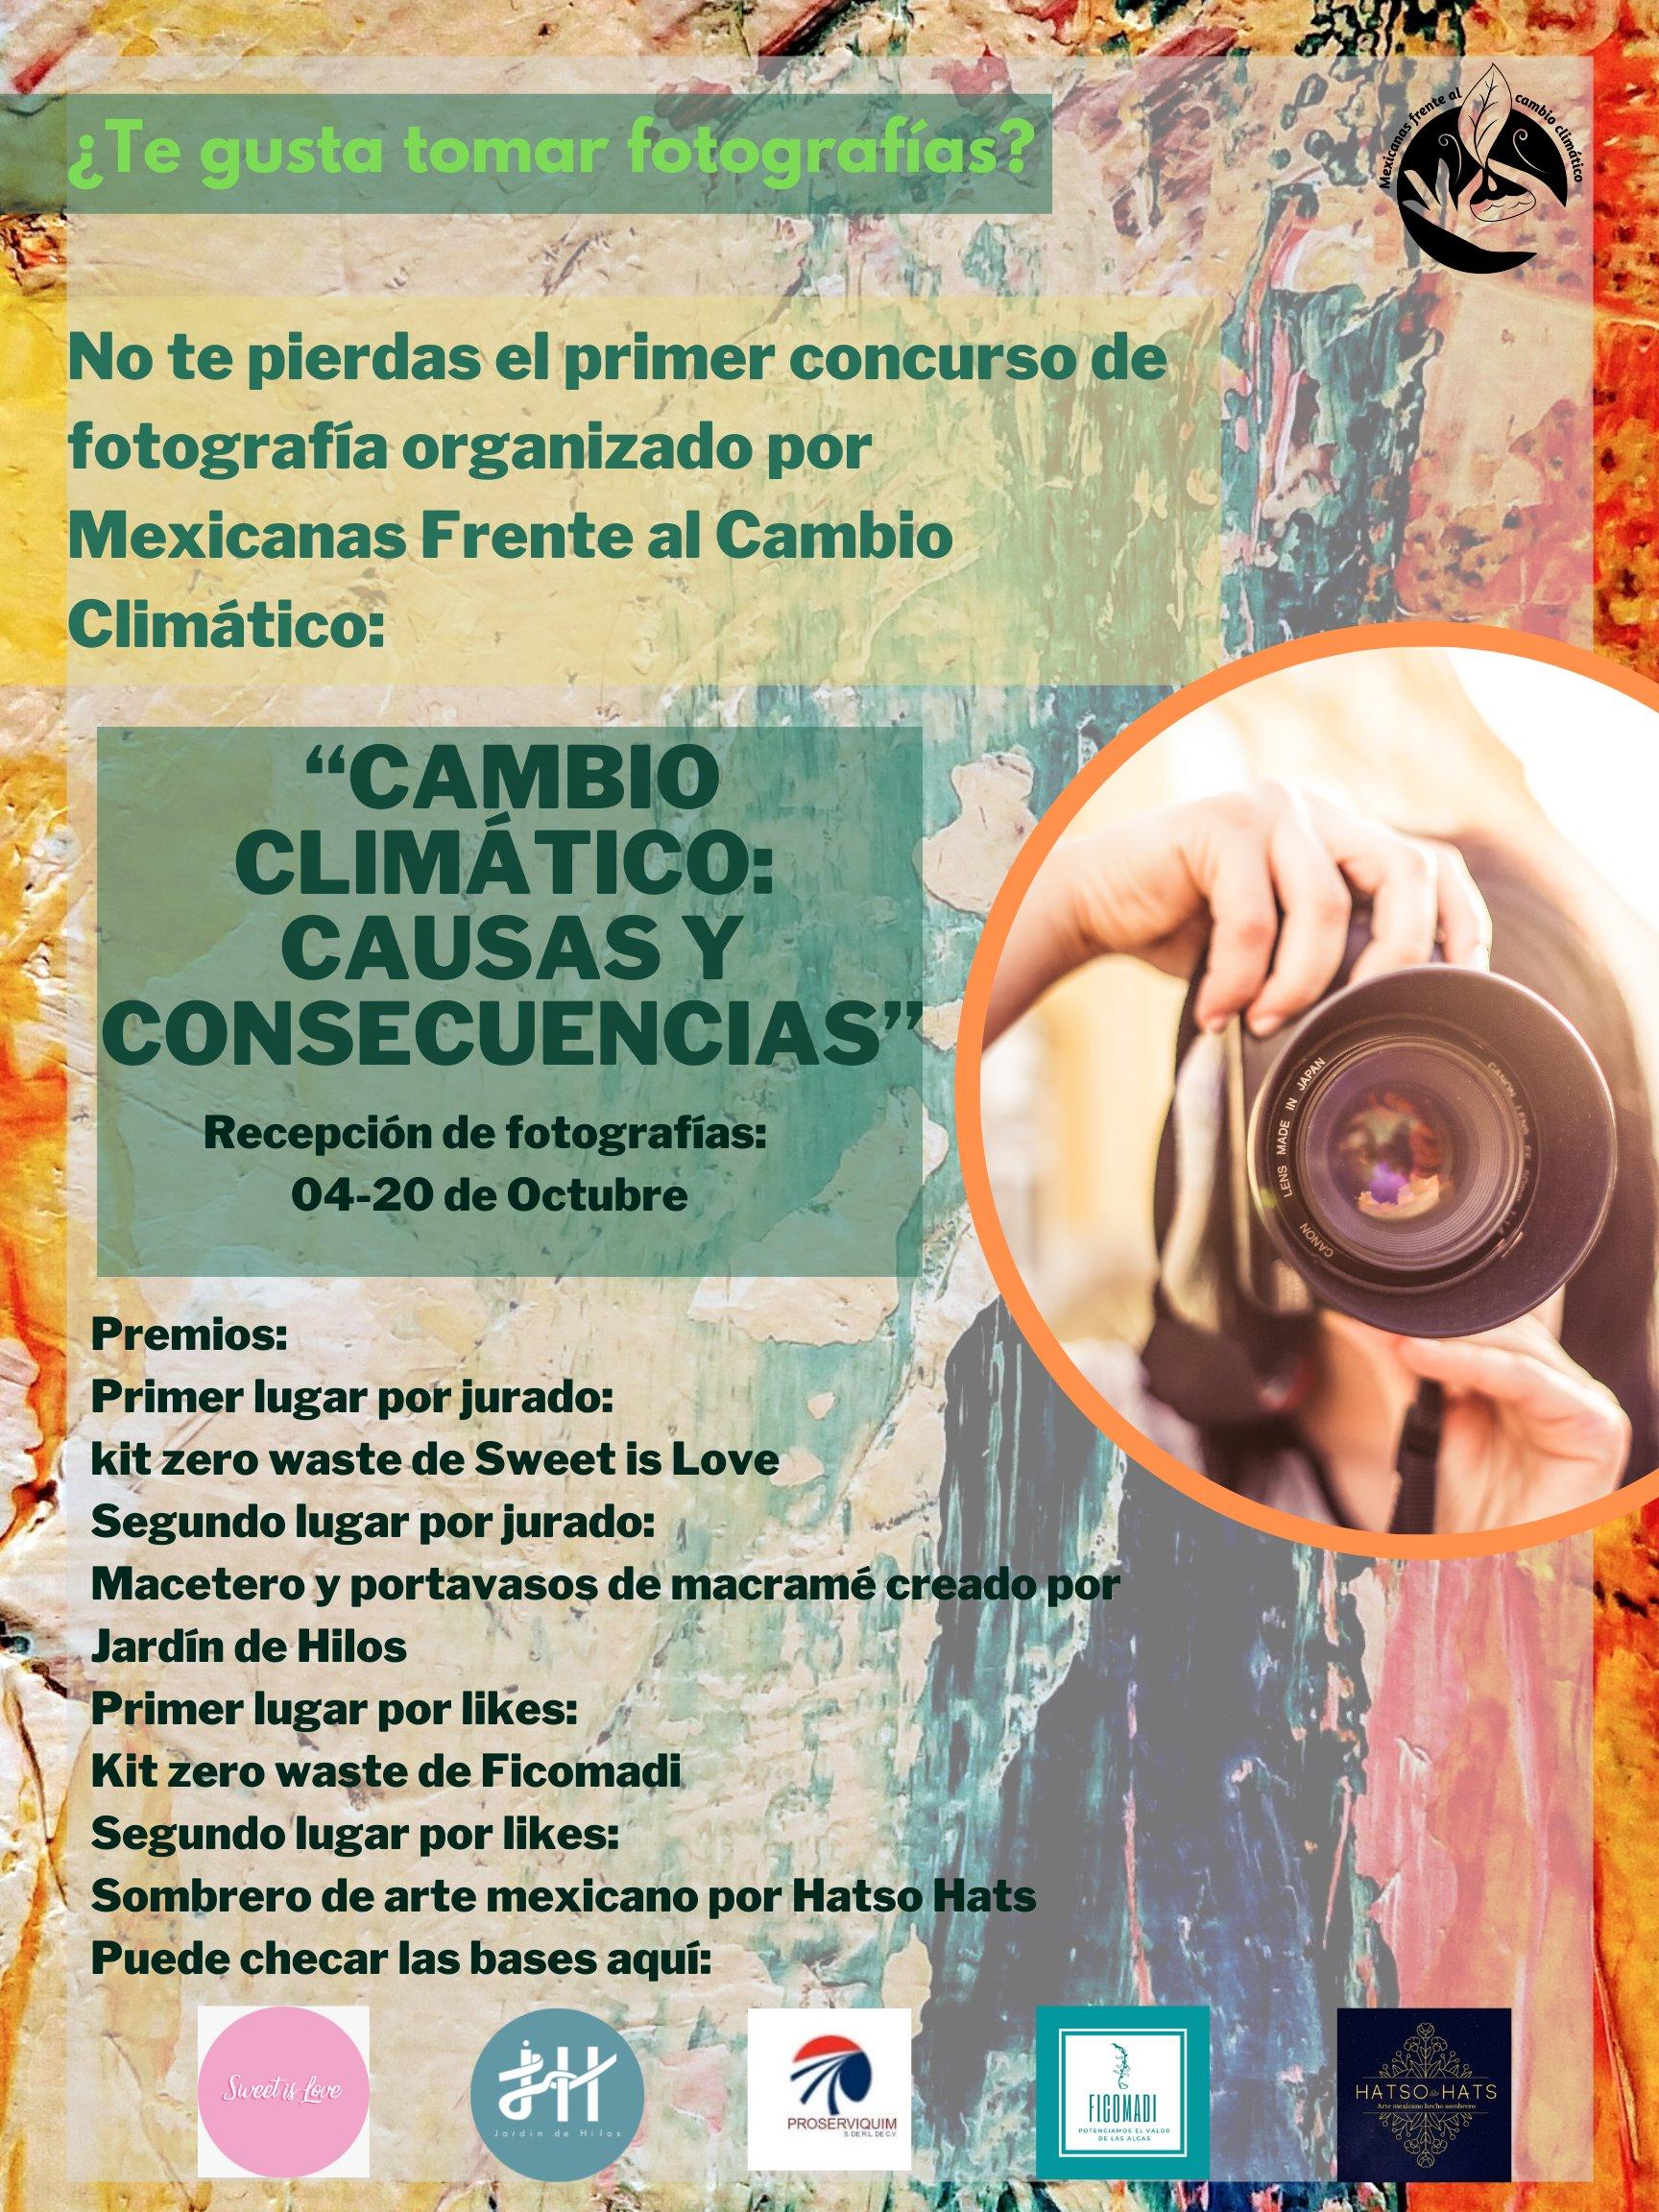 Concurso de fotografía – Cambio Climático: Causas y Consecuencias (Mexicanas Frente al Cambio Climático)